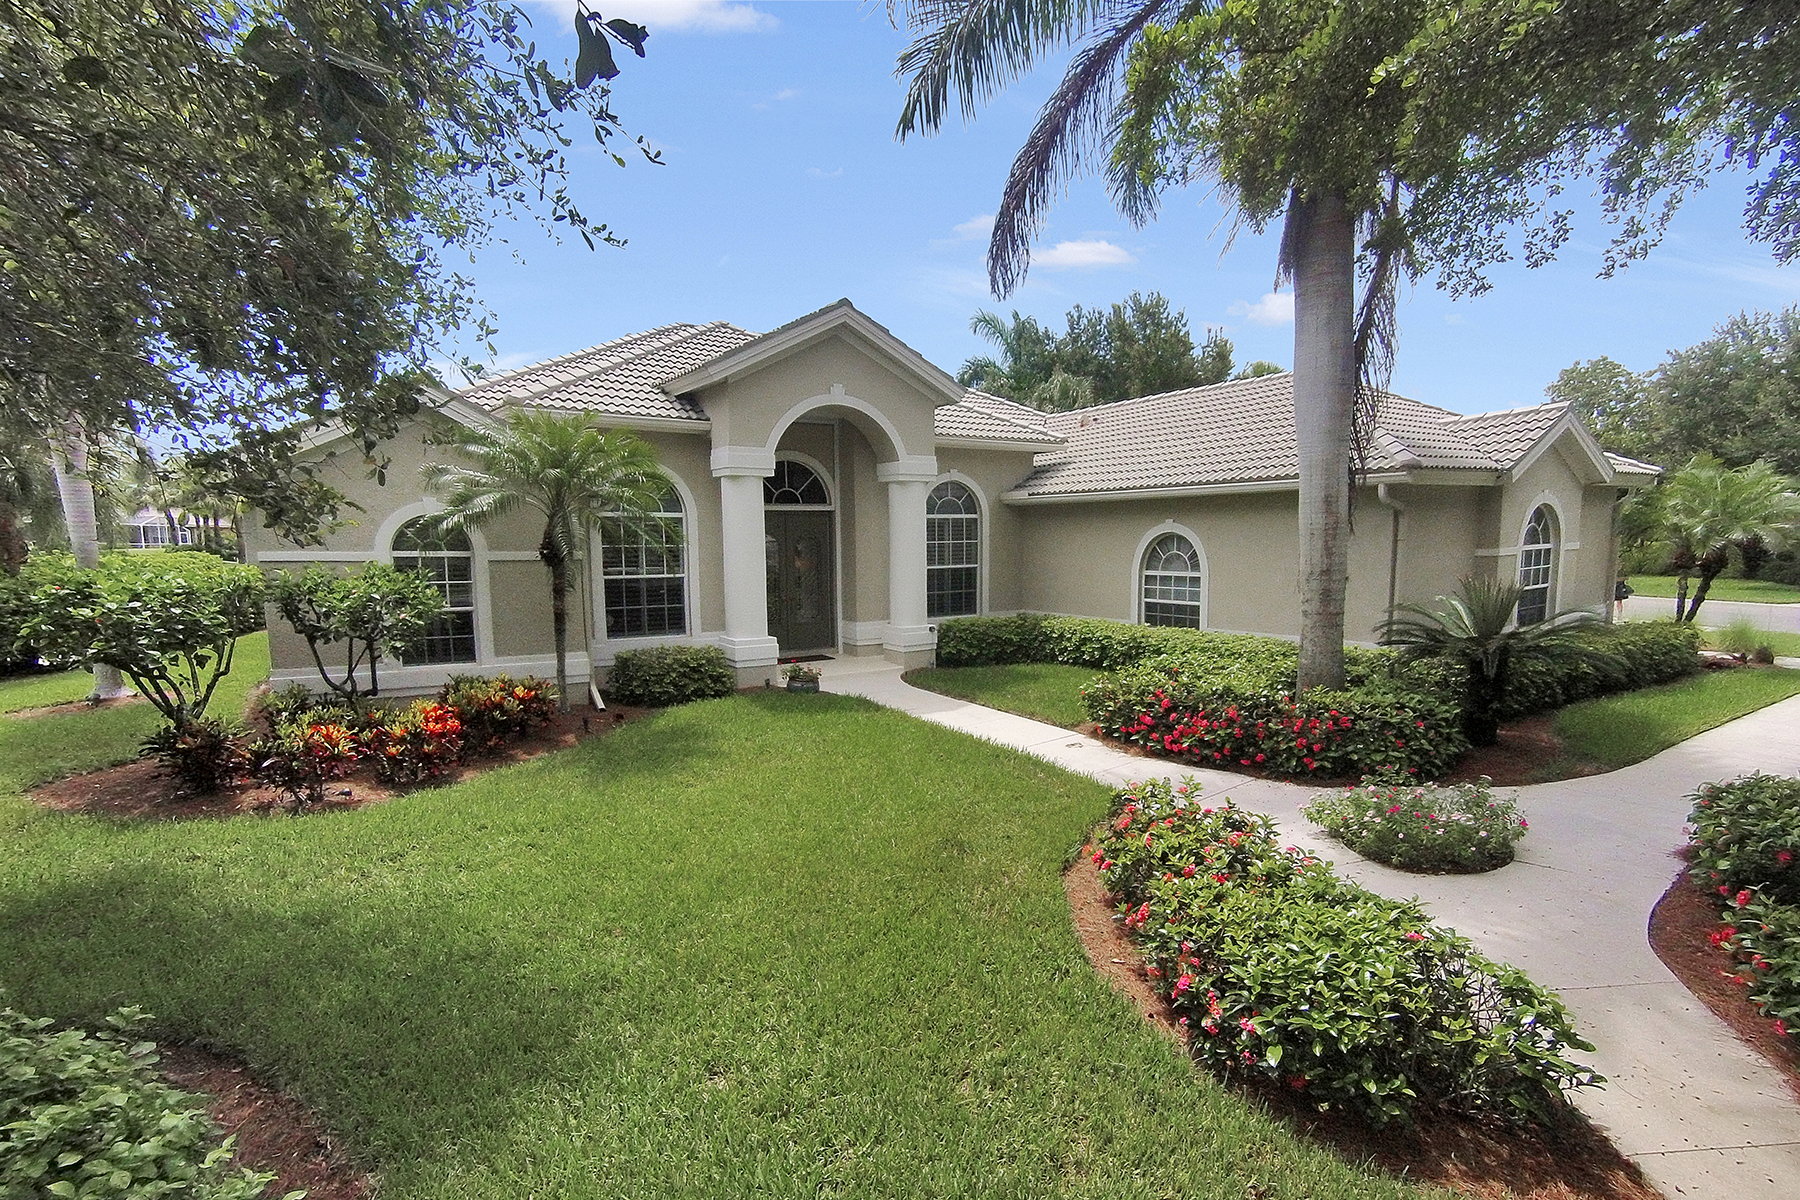 Maison unifamiliale pour l Vente à STONEBRIDGE - HAWTHRONE ESTATES 1876 Pondside Ln Naples, Florida 34109 États-Unis